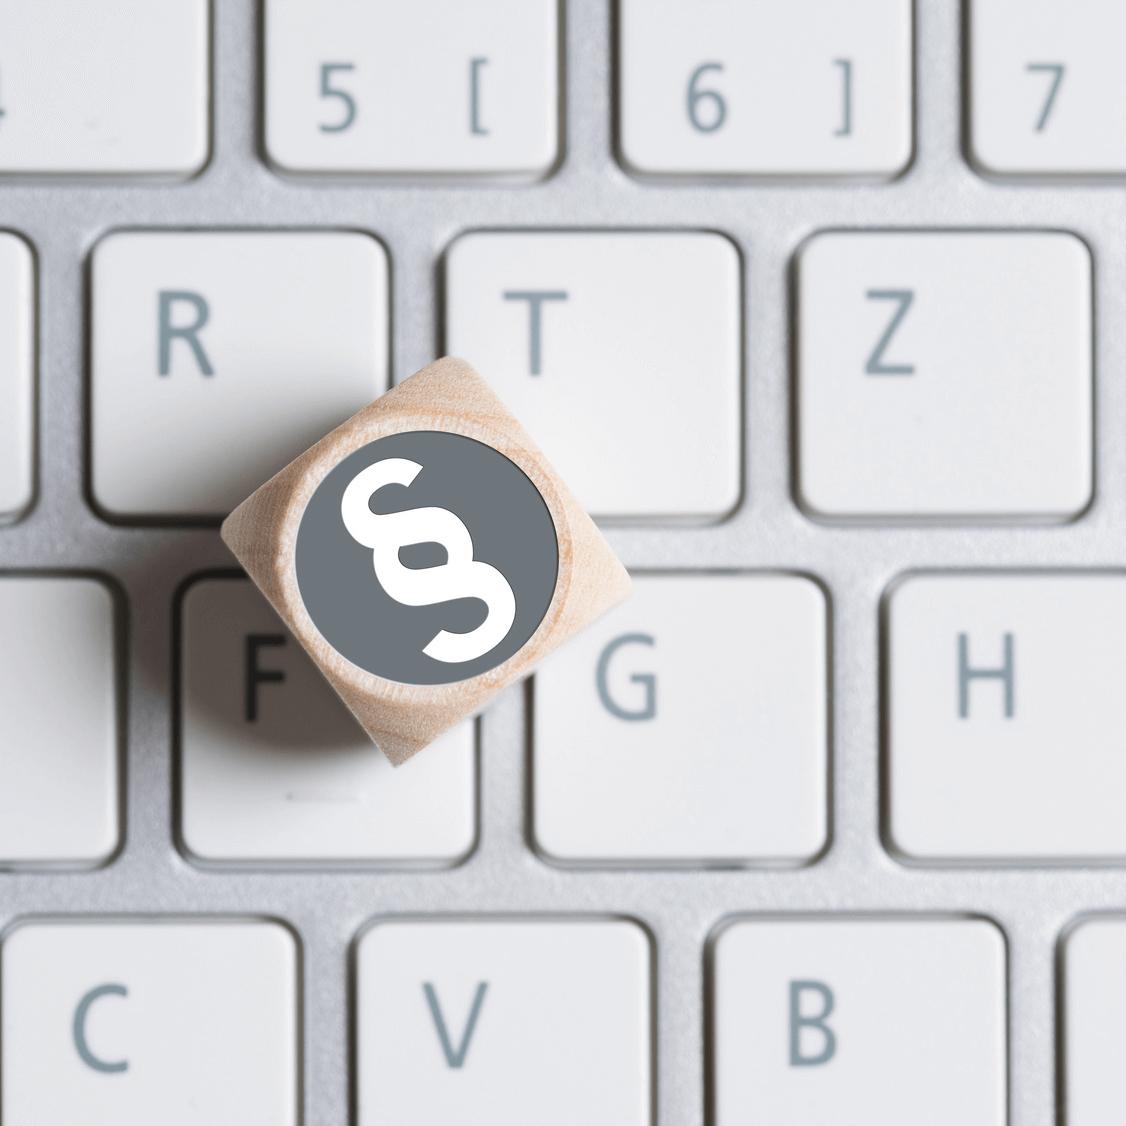 Online-, Medien- und Datenschutzrecht: Urteile im Mai 2016